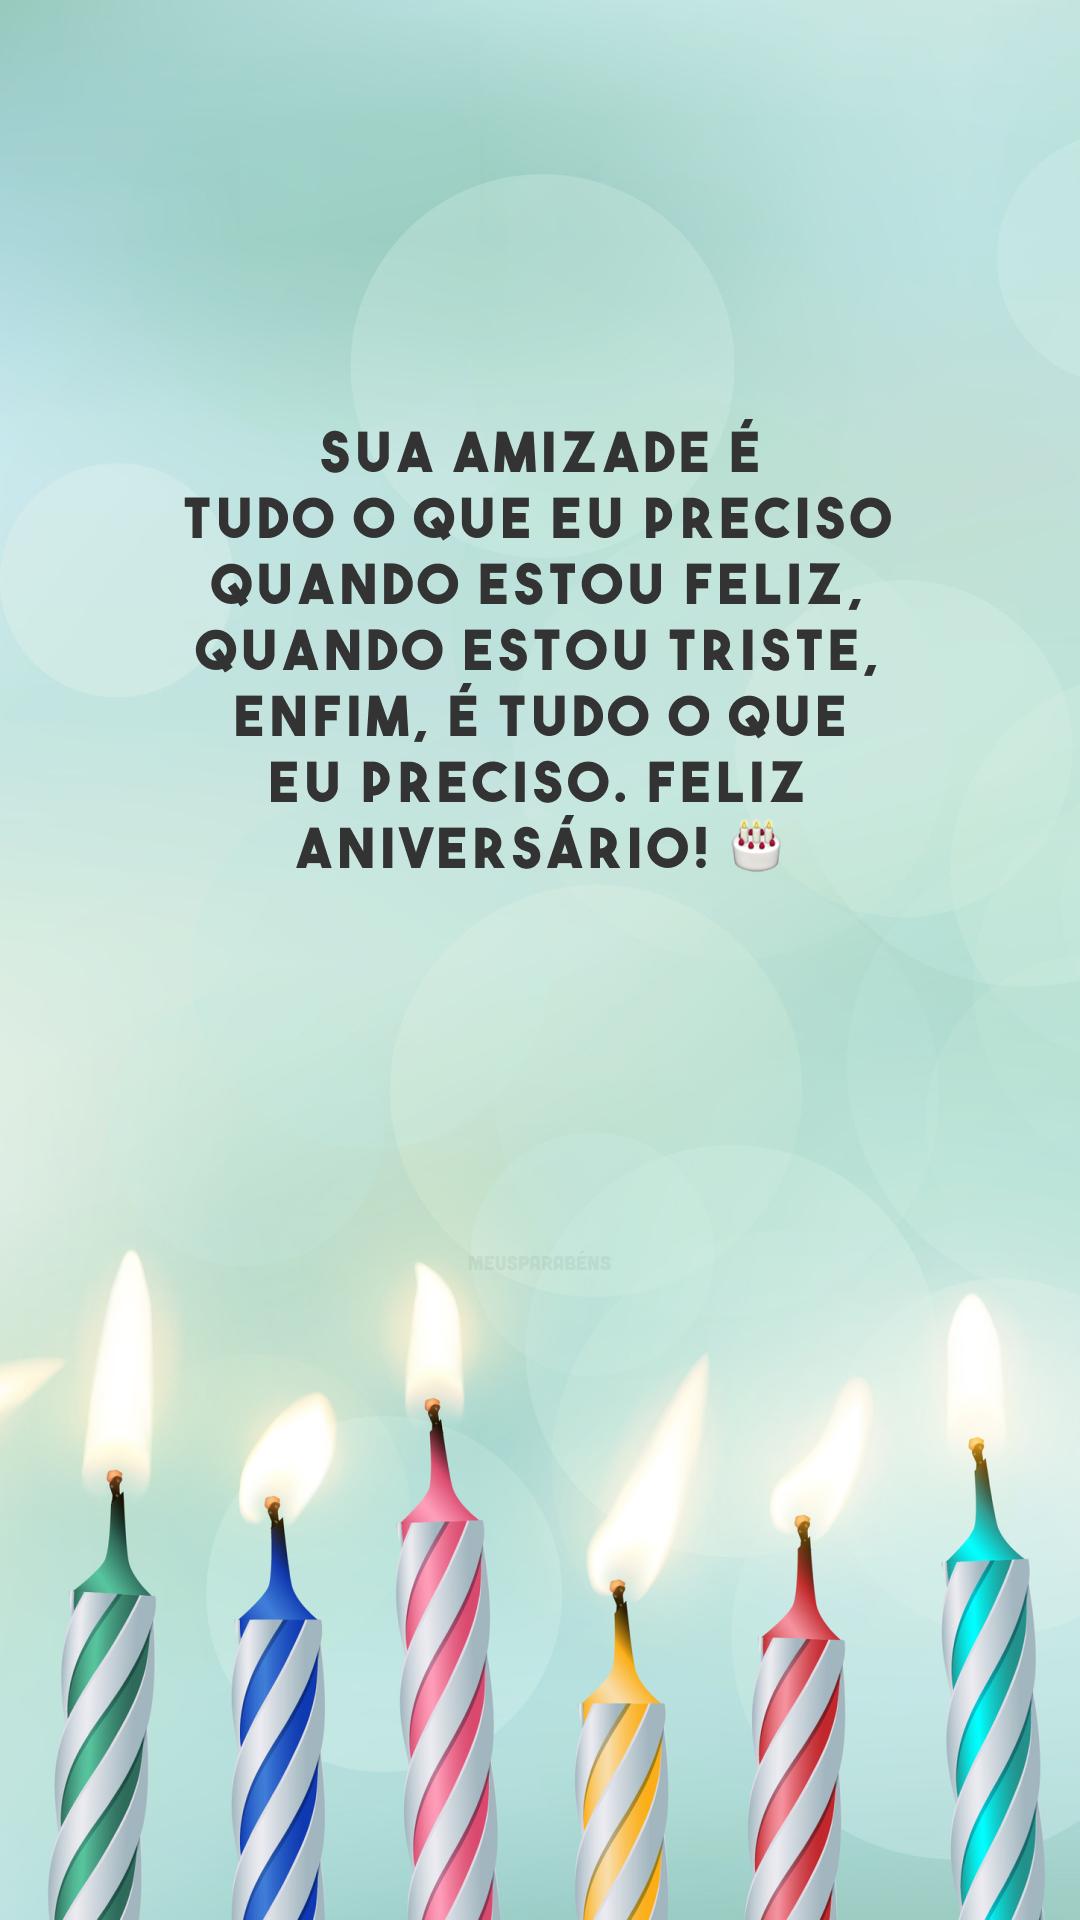 Sua amizade é tudo o que eu preciso quando estou feliz, quando estou triste, enfim, é tudo o que eu preciso. Feliz aniversário! 🎂